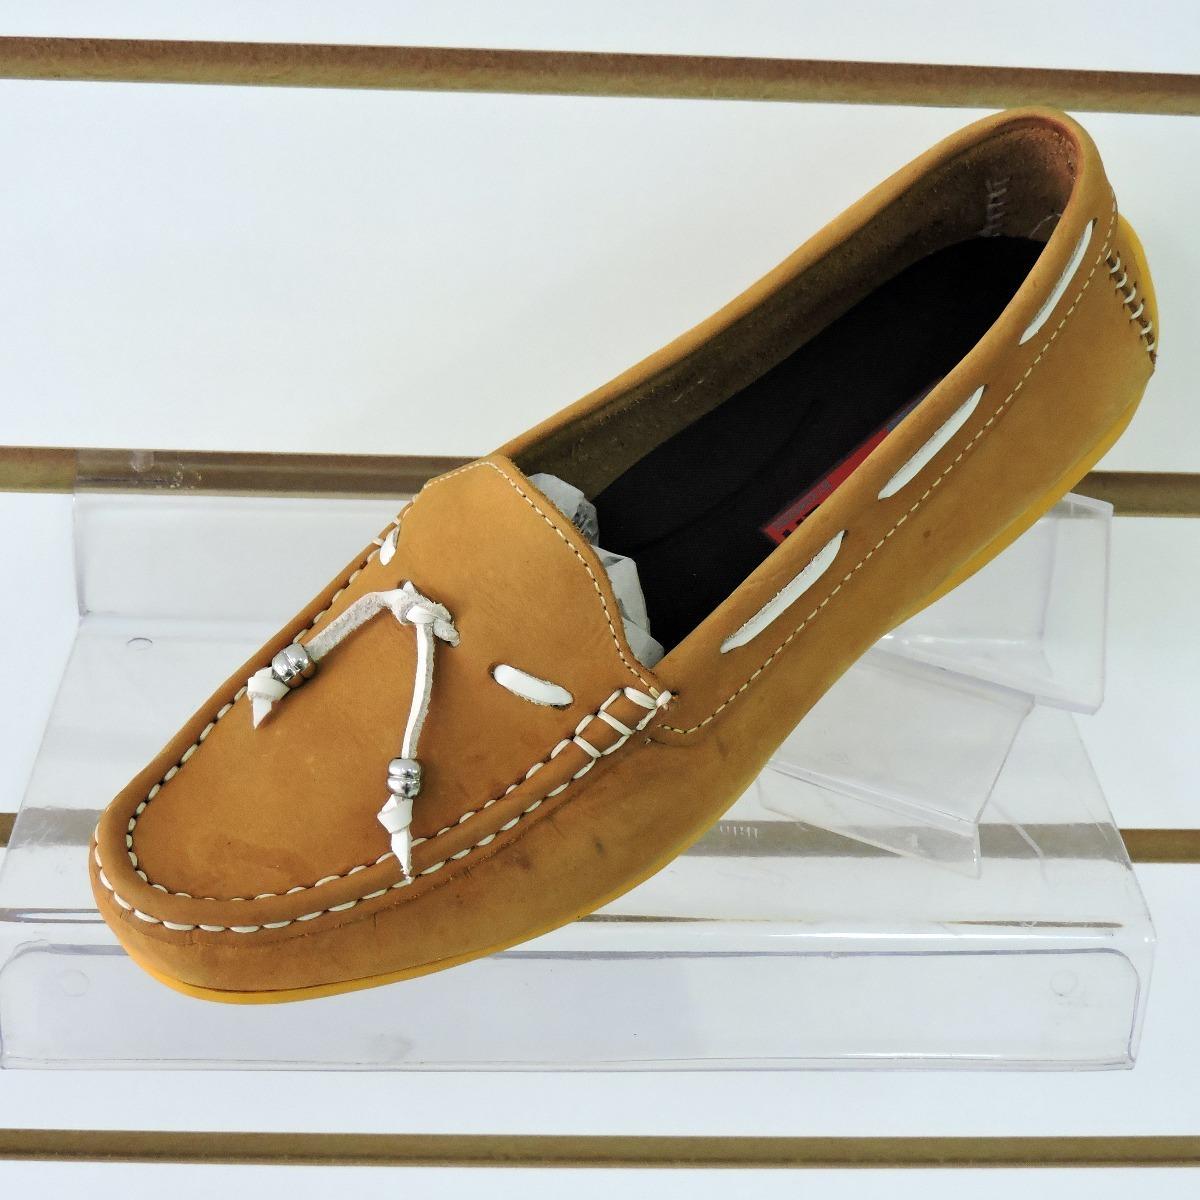 fb09892838 mocassim feminino sapatilha drive couro preço barato lefer. Carregando zoom.